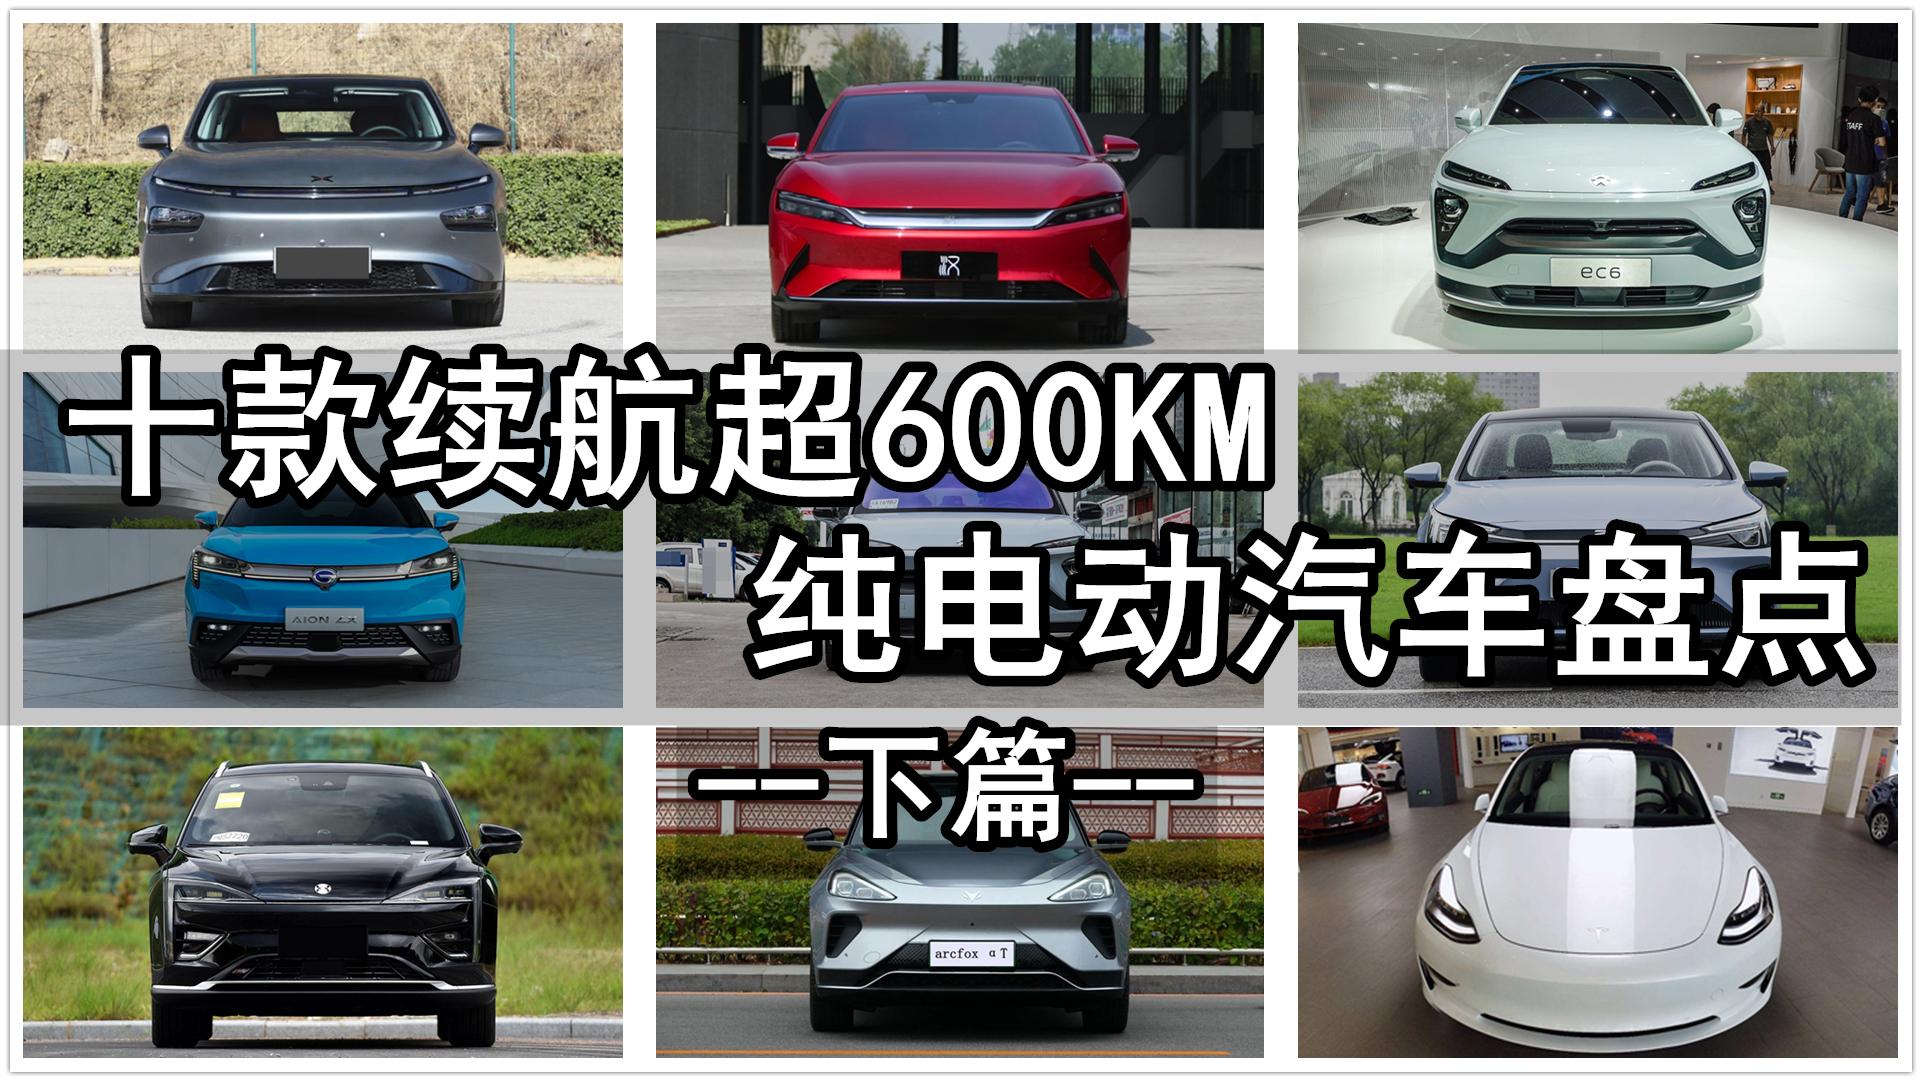 十款續航超600KM的純電動汽車,最長續航840KM!下篇-圖2